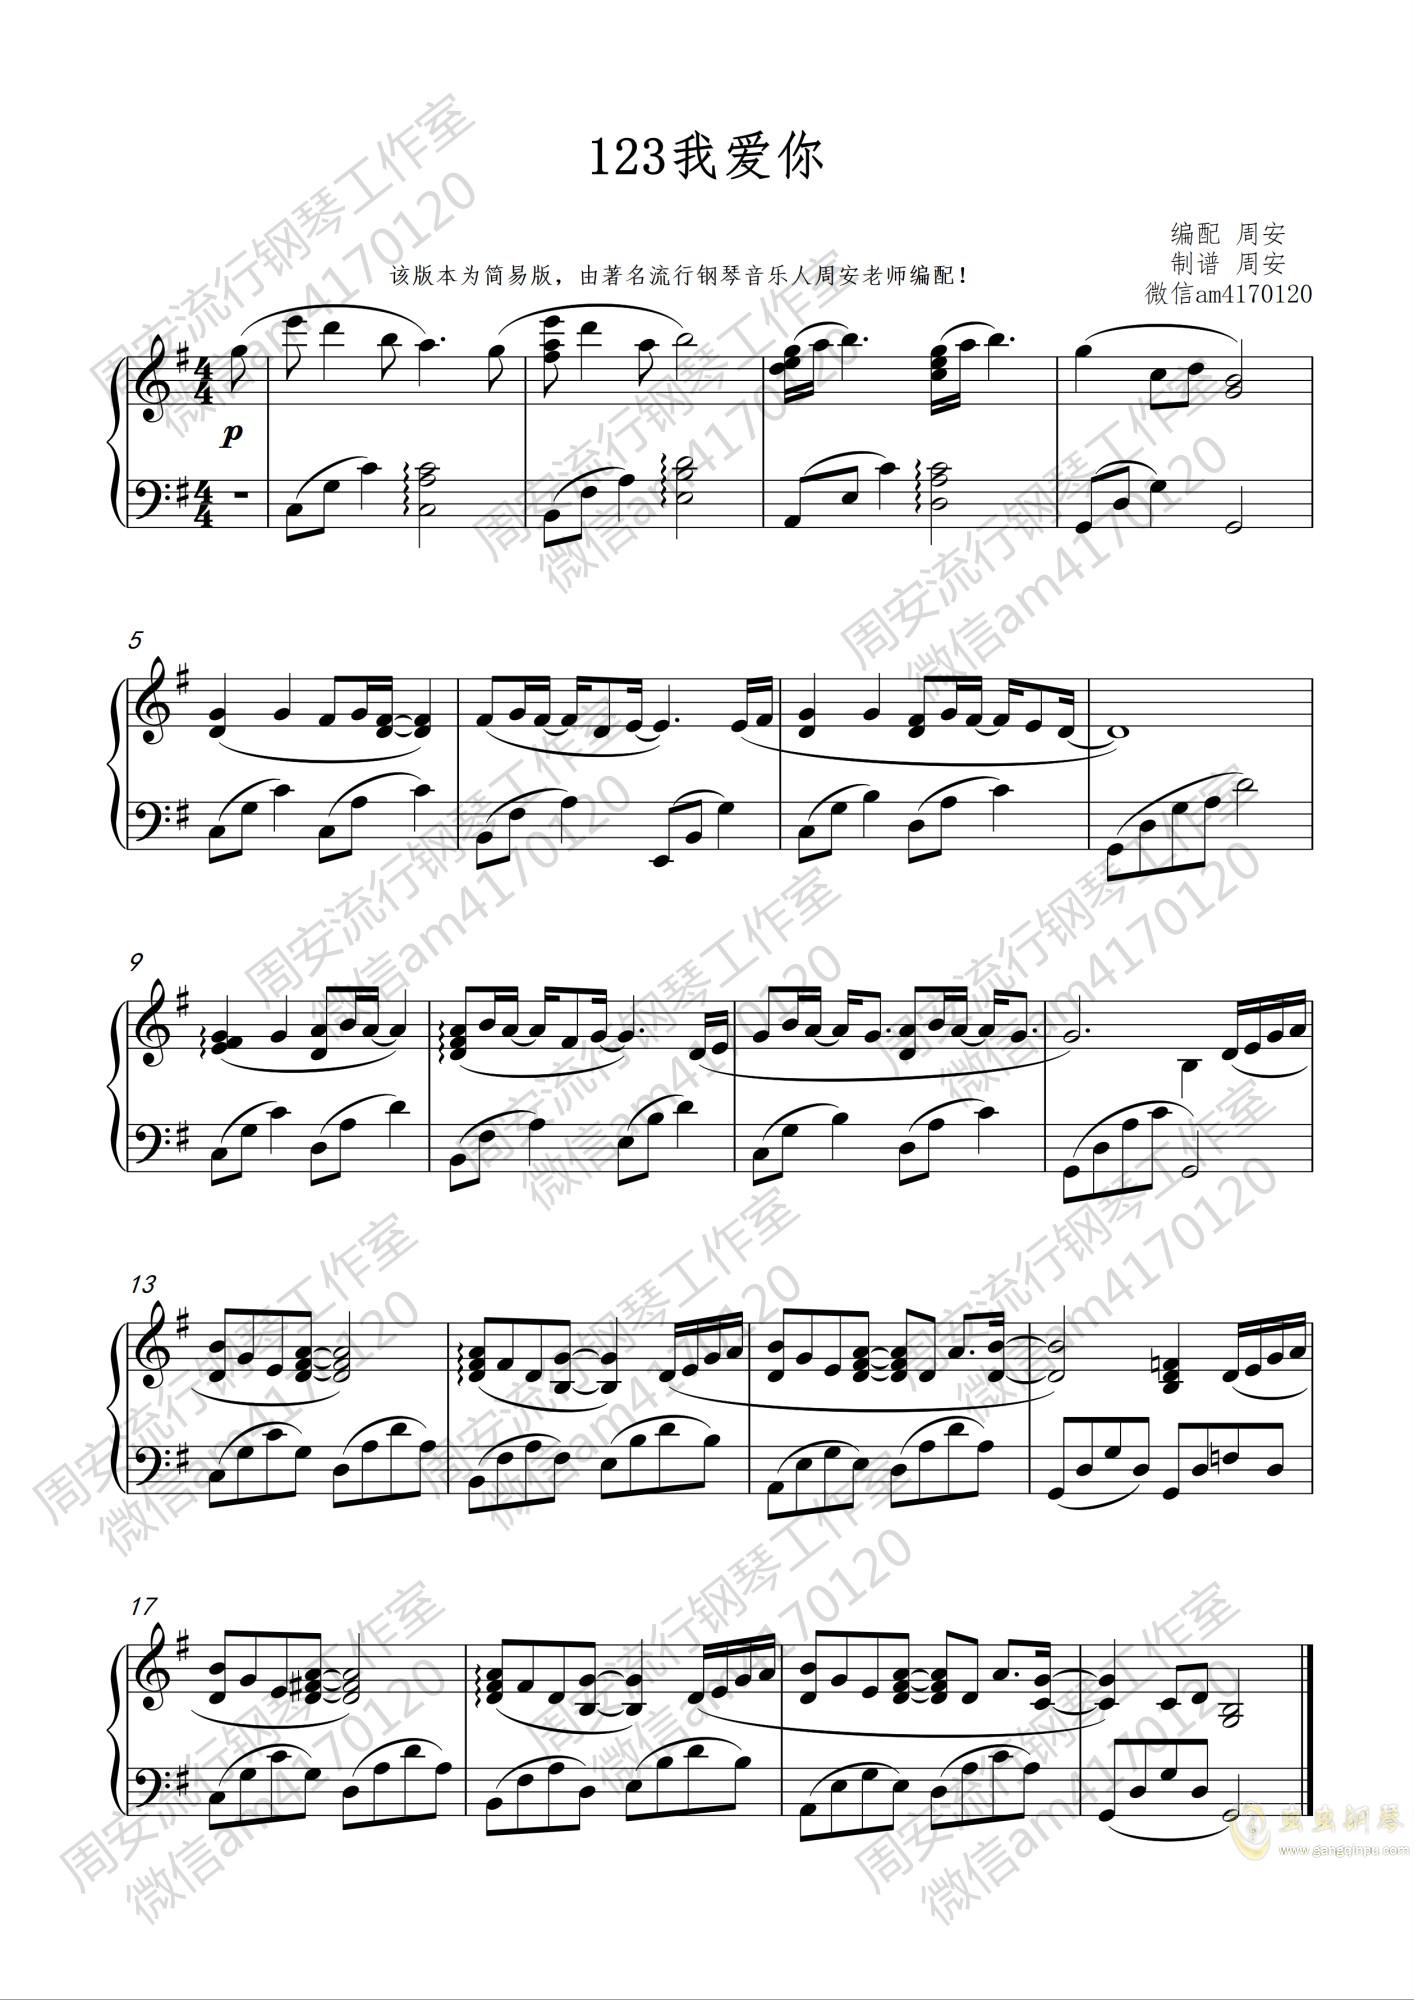 123我爱你钢琴谱 第1页